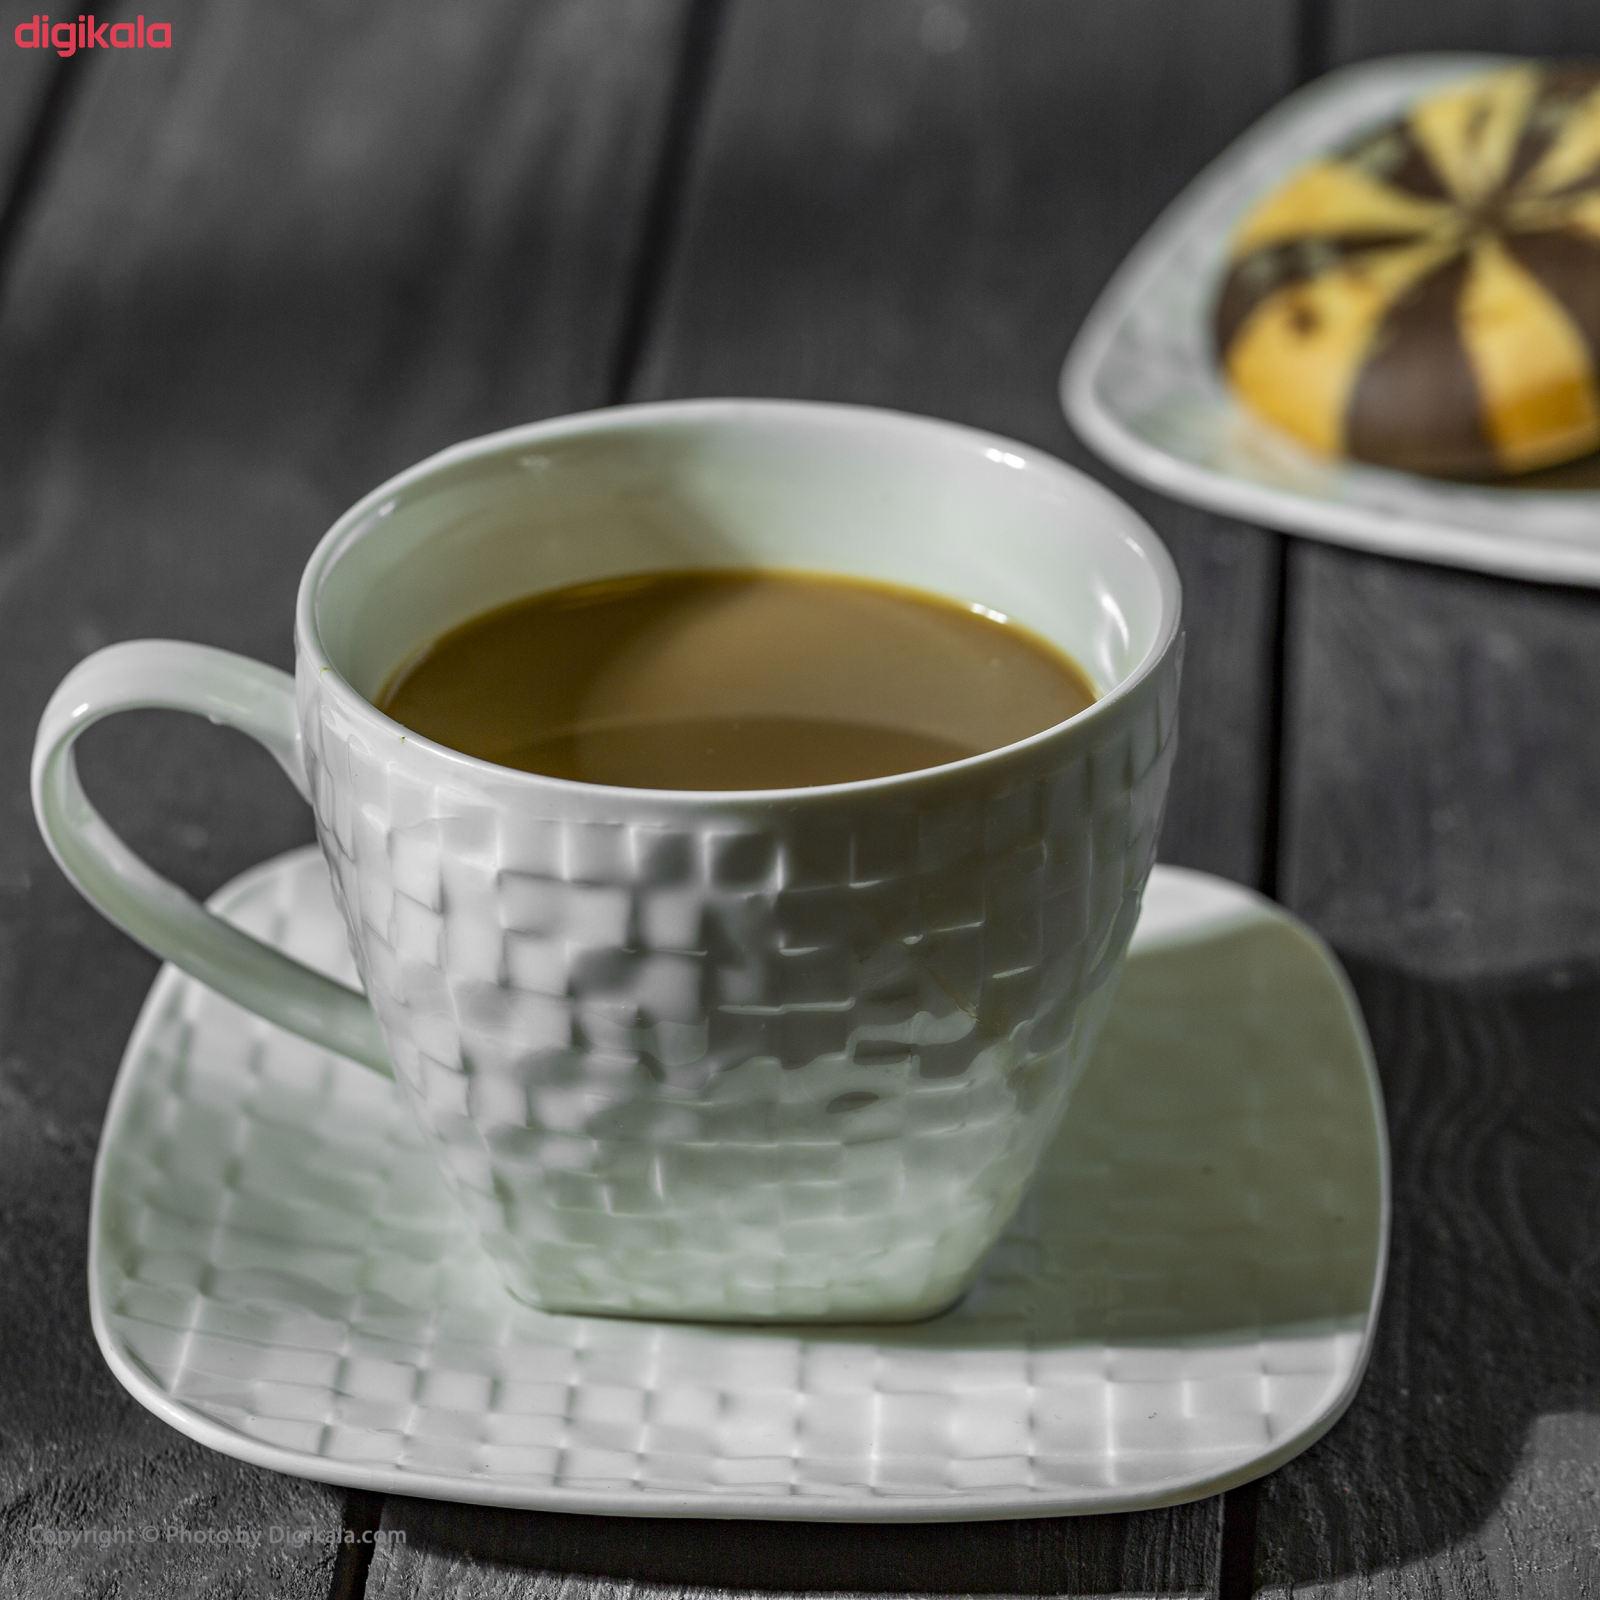 شیر قهوه دومینو حجم 0.2 لیتر بسته 6 عددی main 1 6